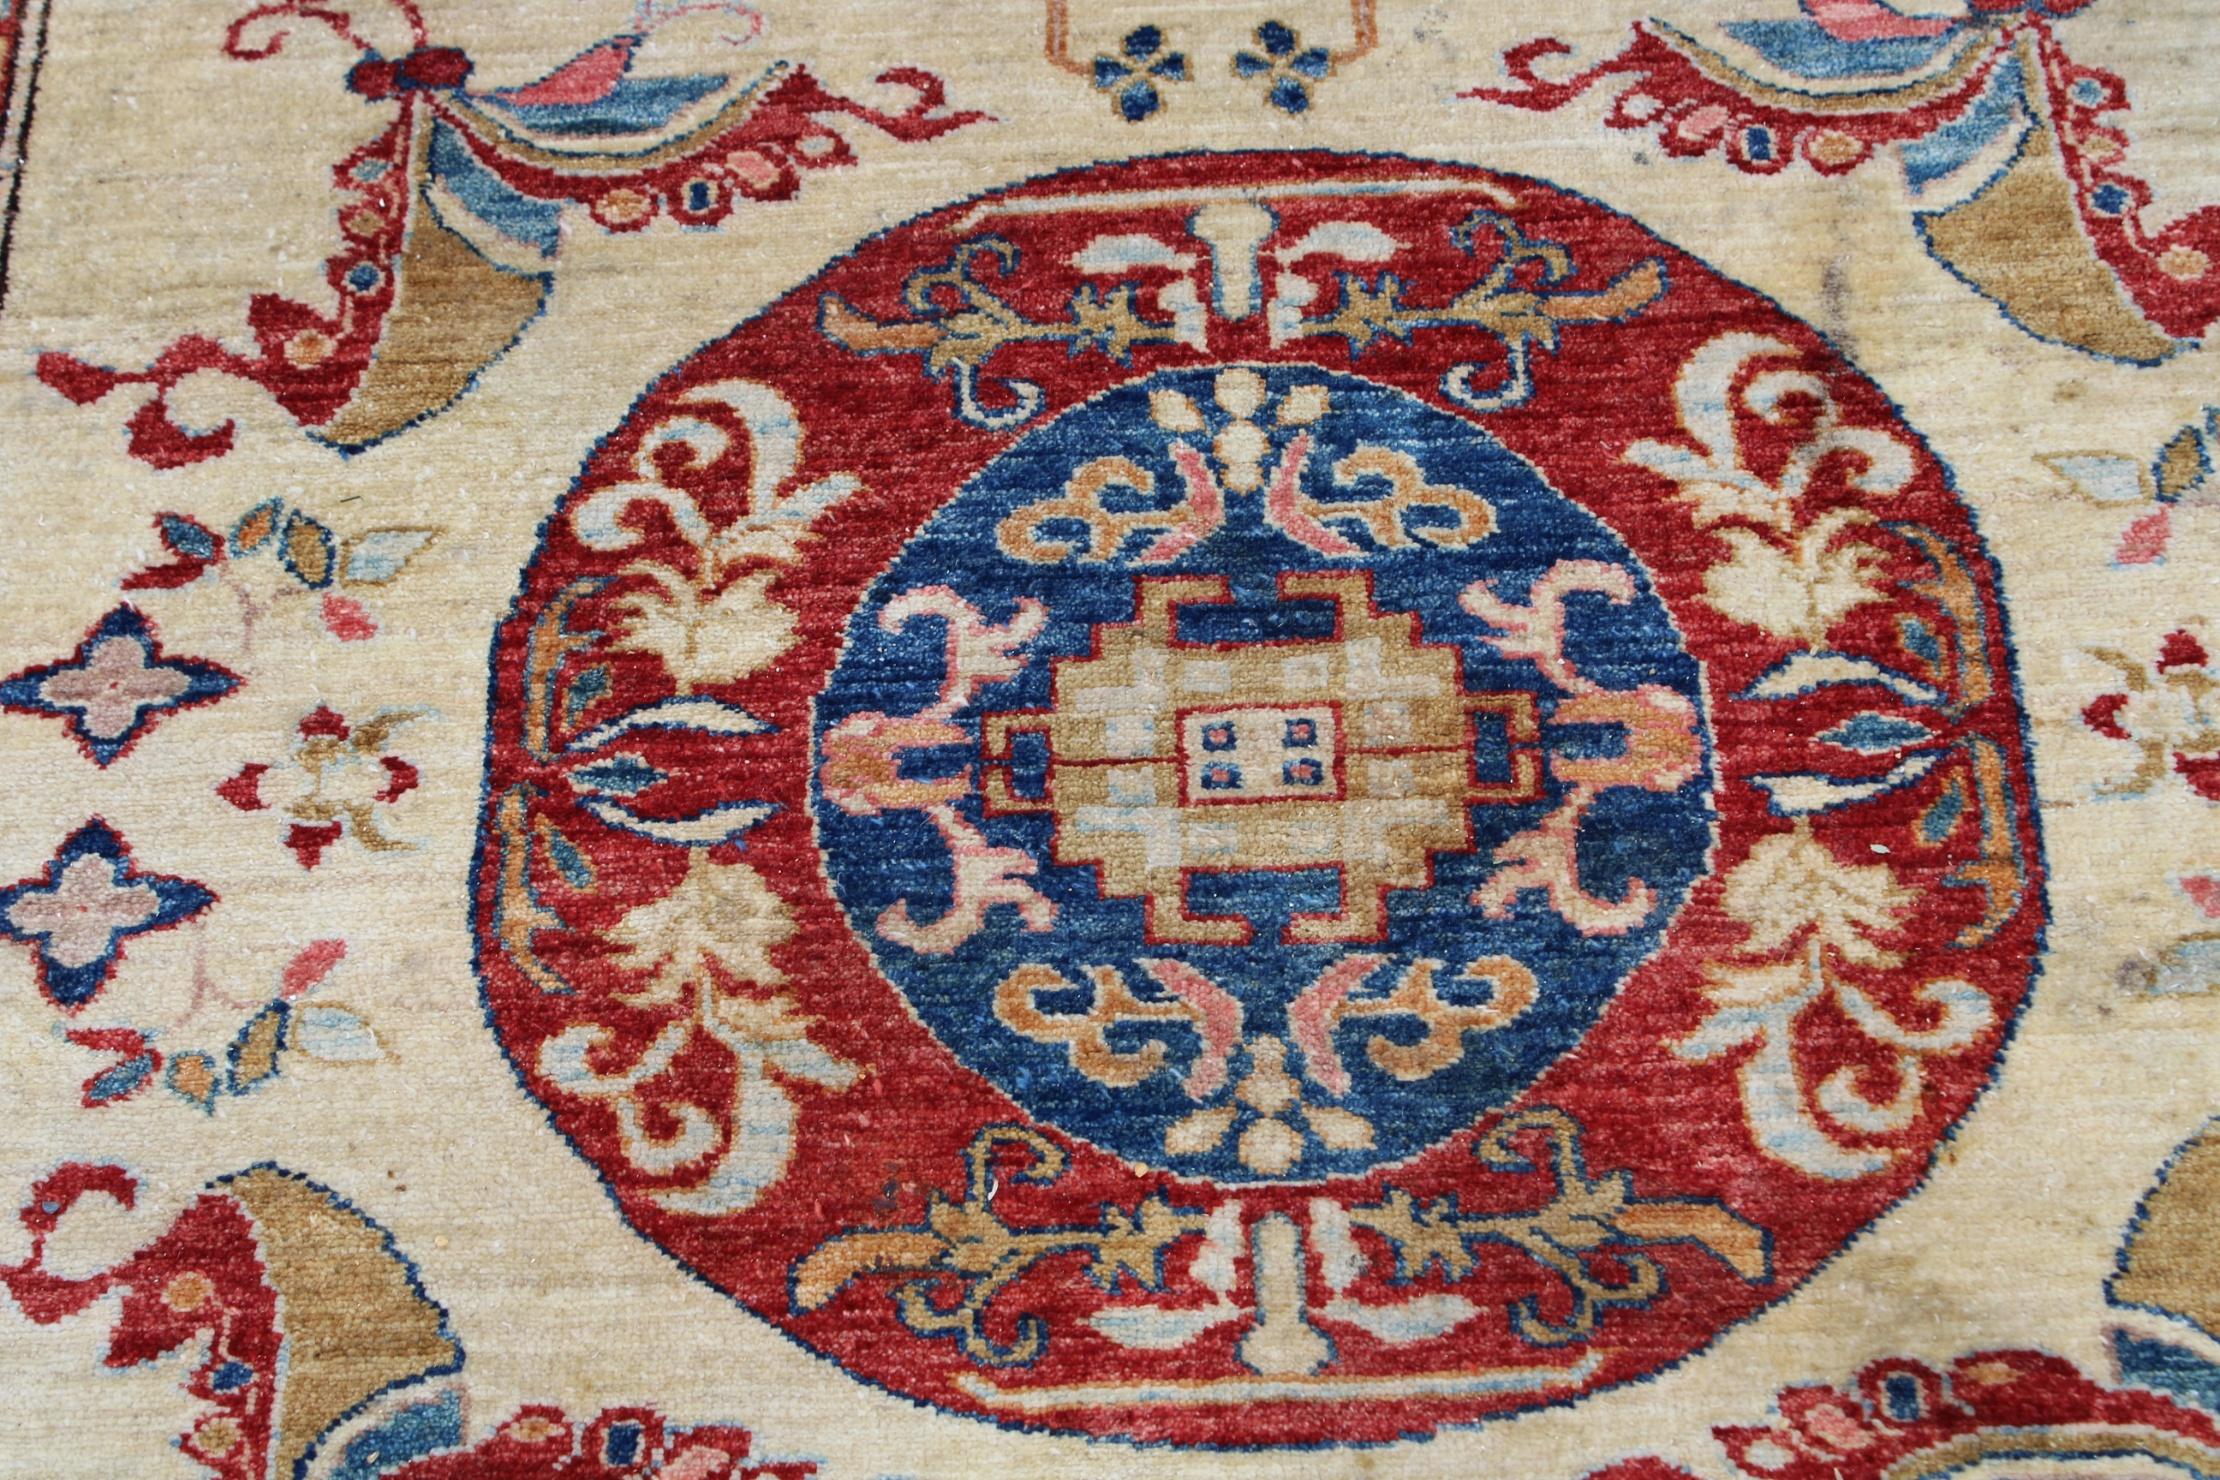 Semi-Antique Persian Rug - Image 2 of 3